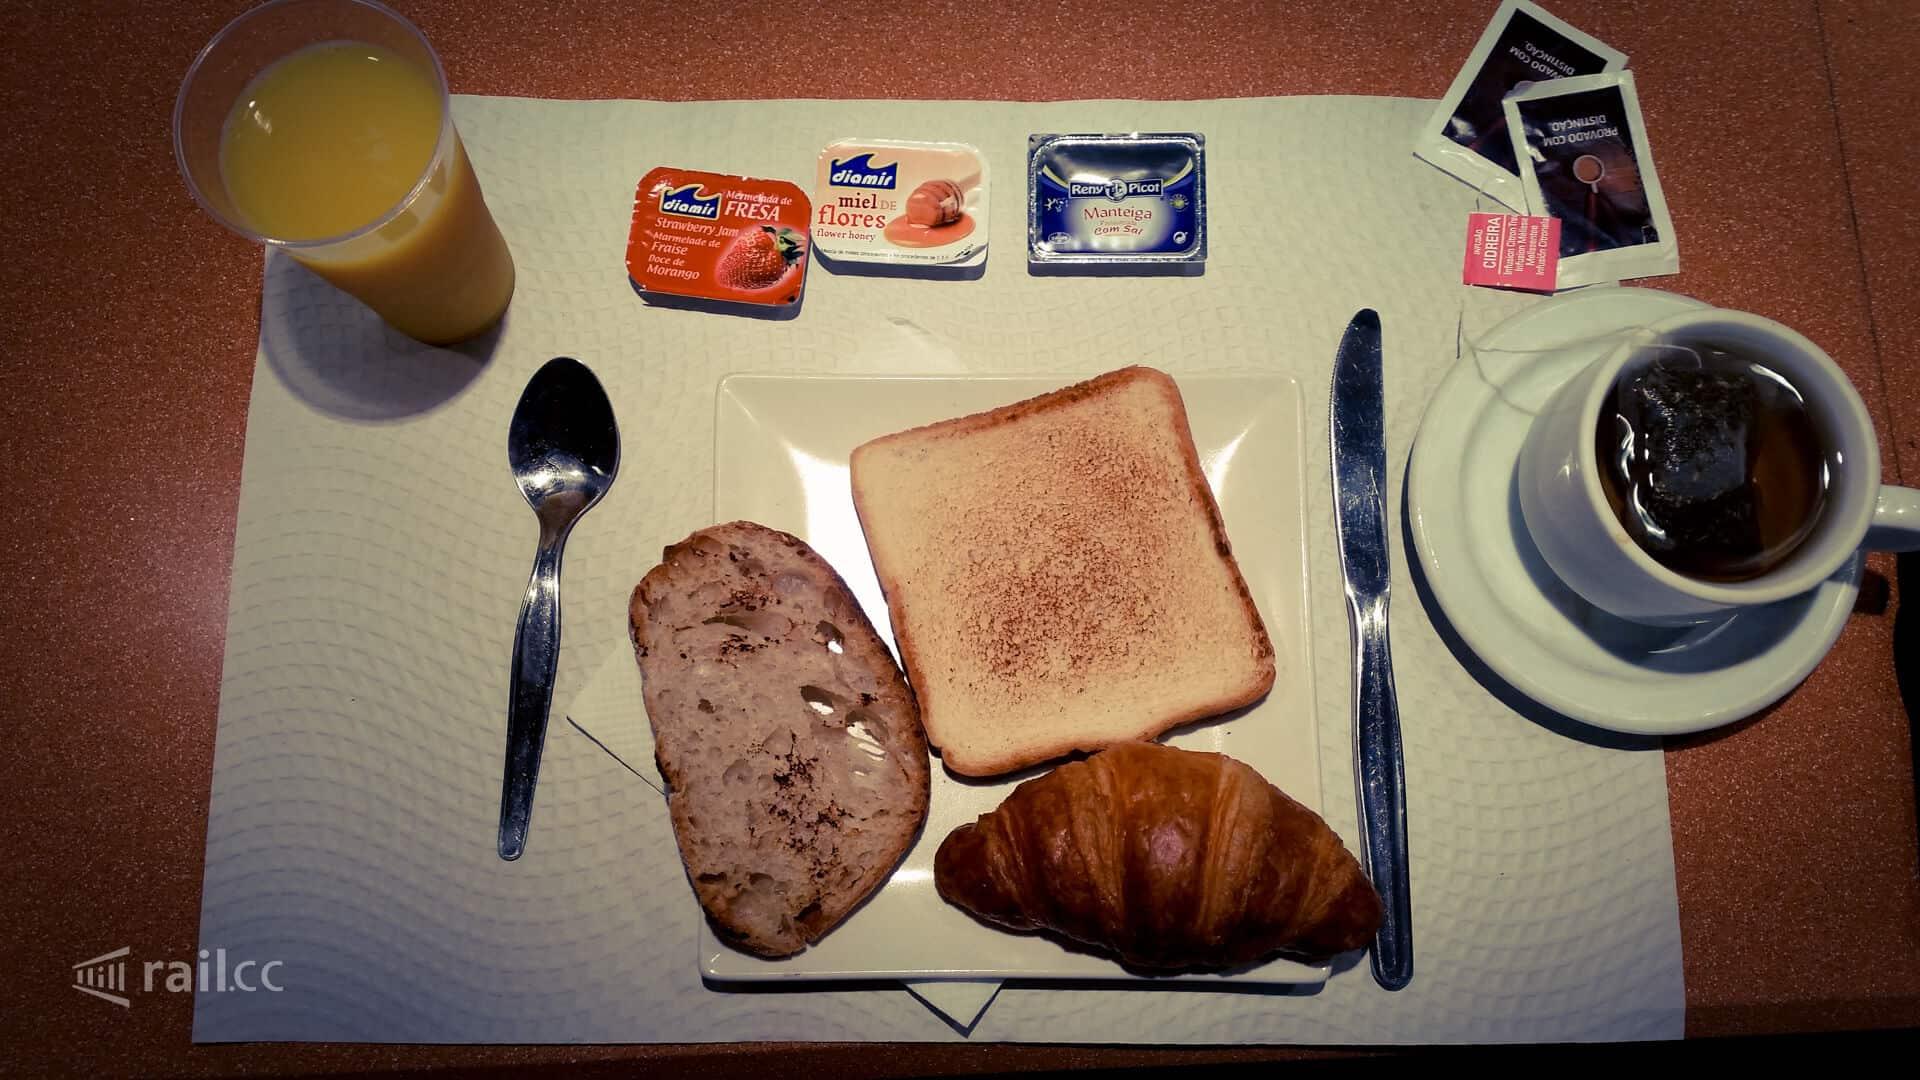 Bestes Schlafwagenfrühstück, was ich je gegessen habe - im Trenhotel der Renfe